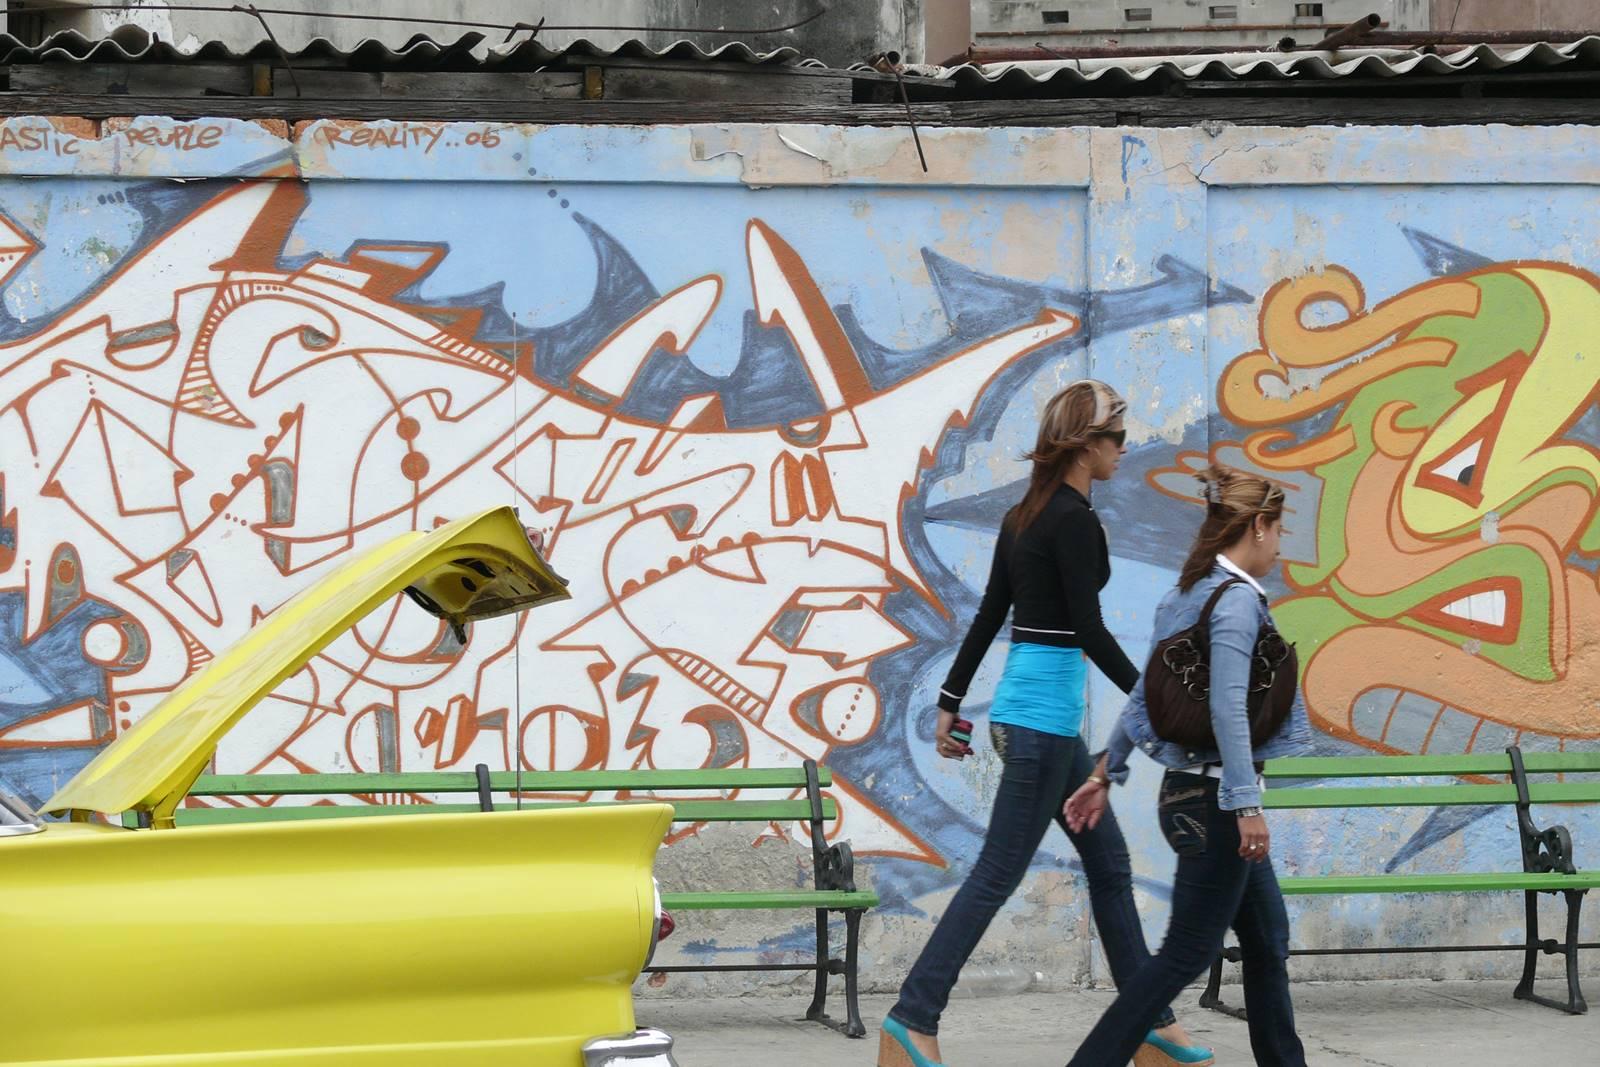 La Havane graffiti (2)